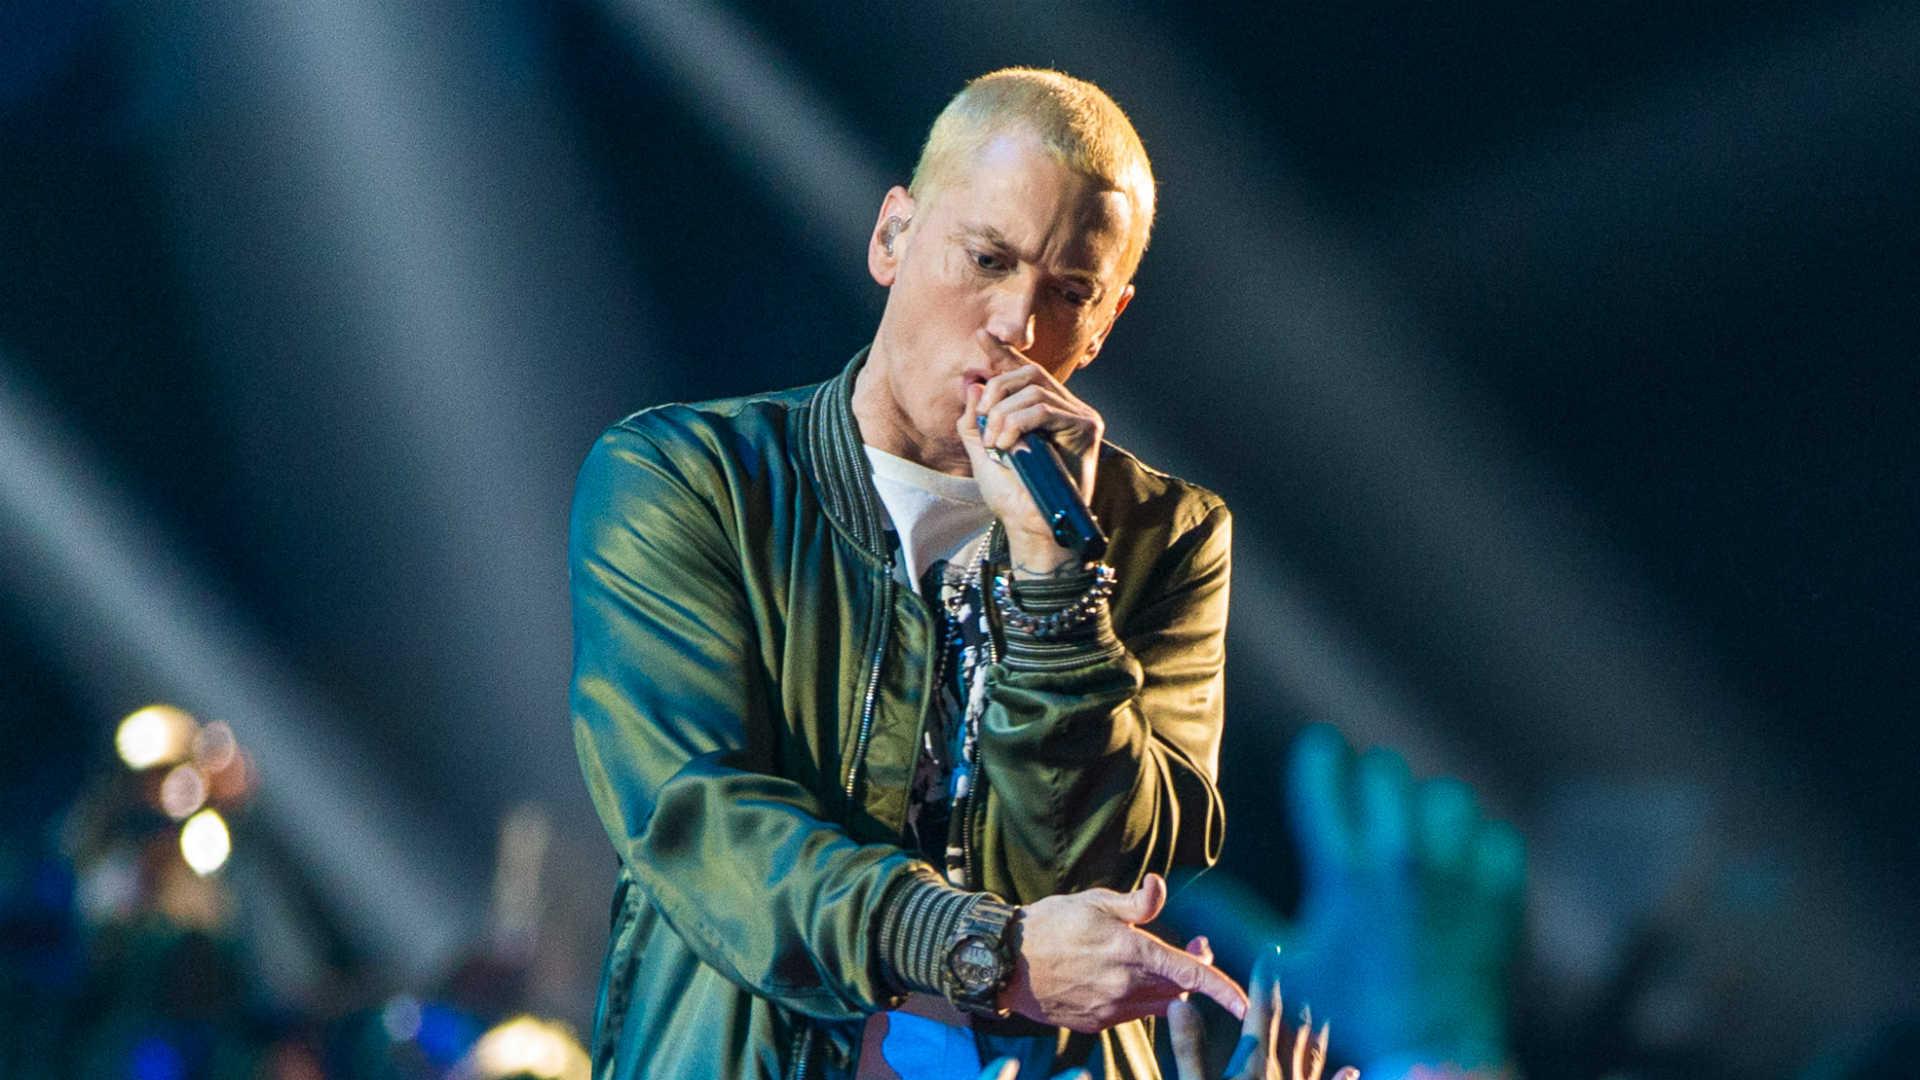 Eminem-111114-Getty-FTR.jpg